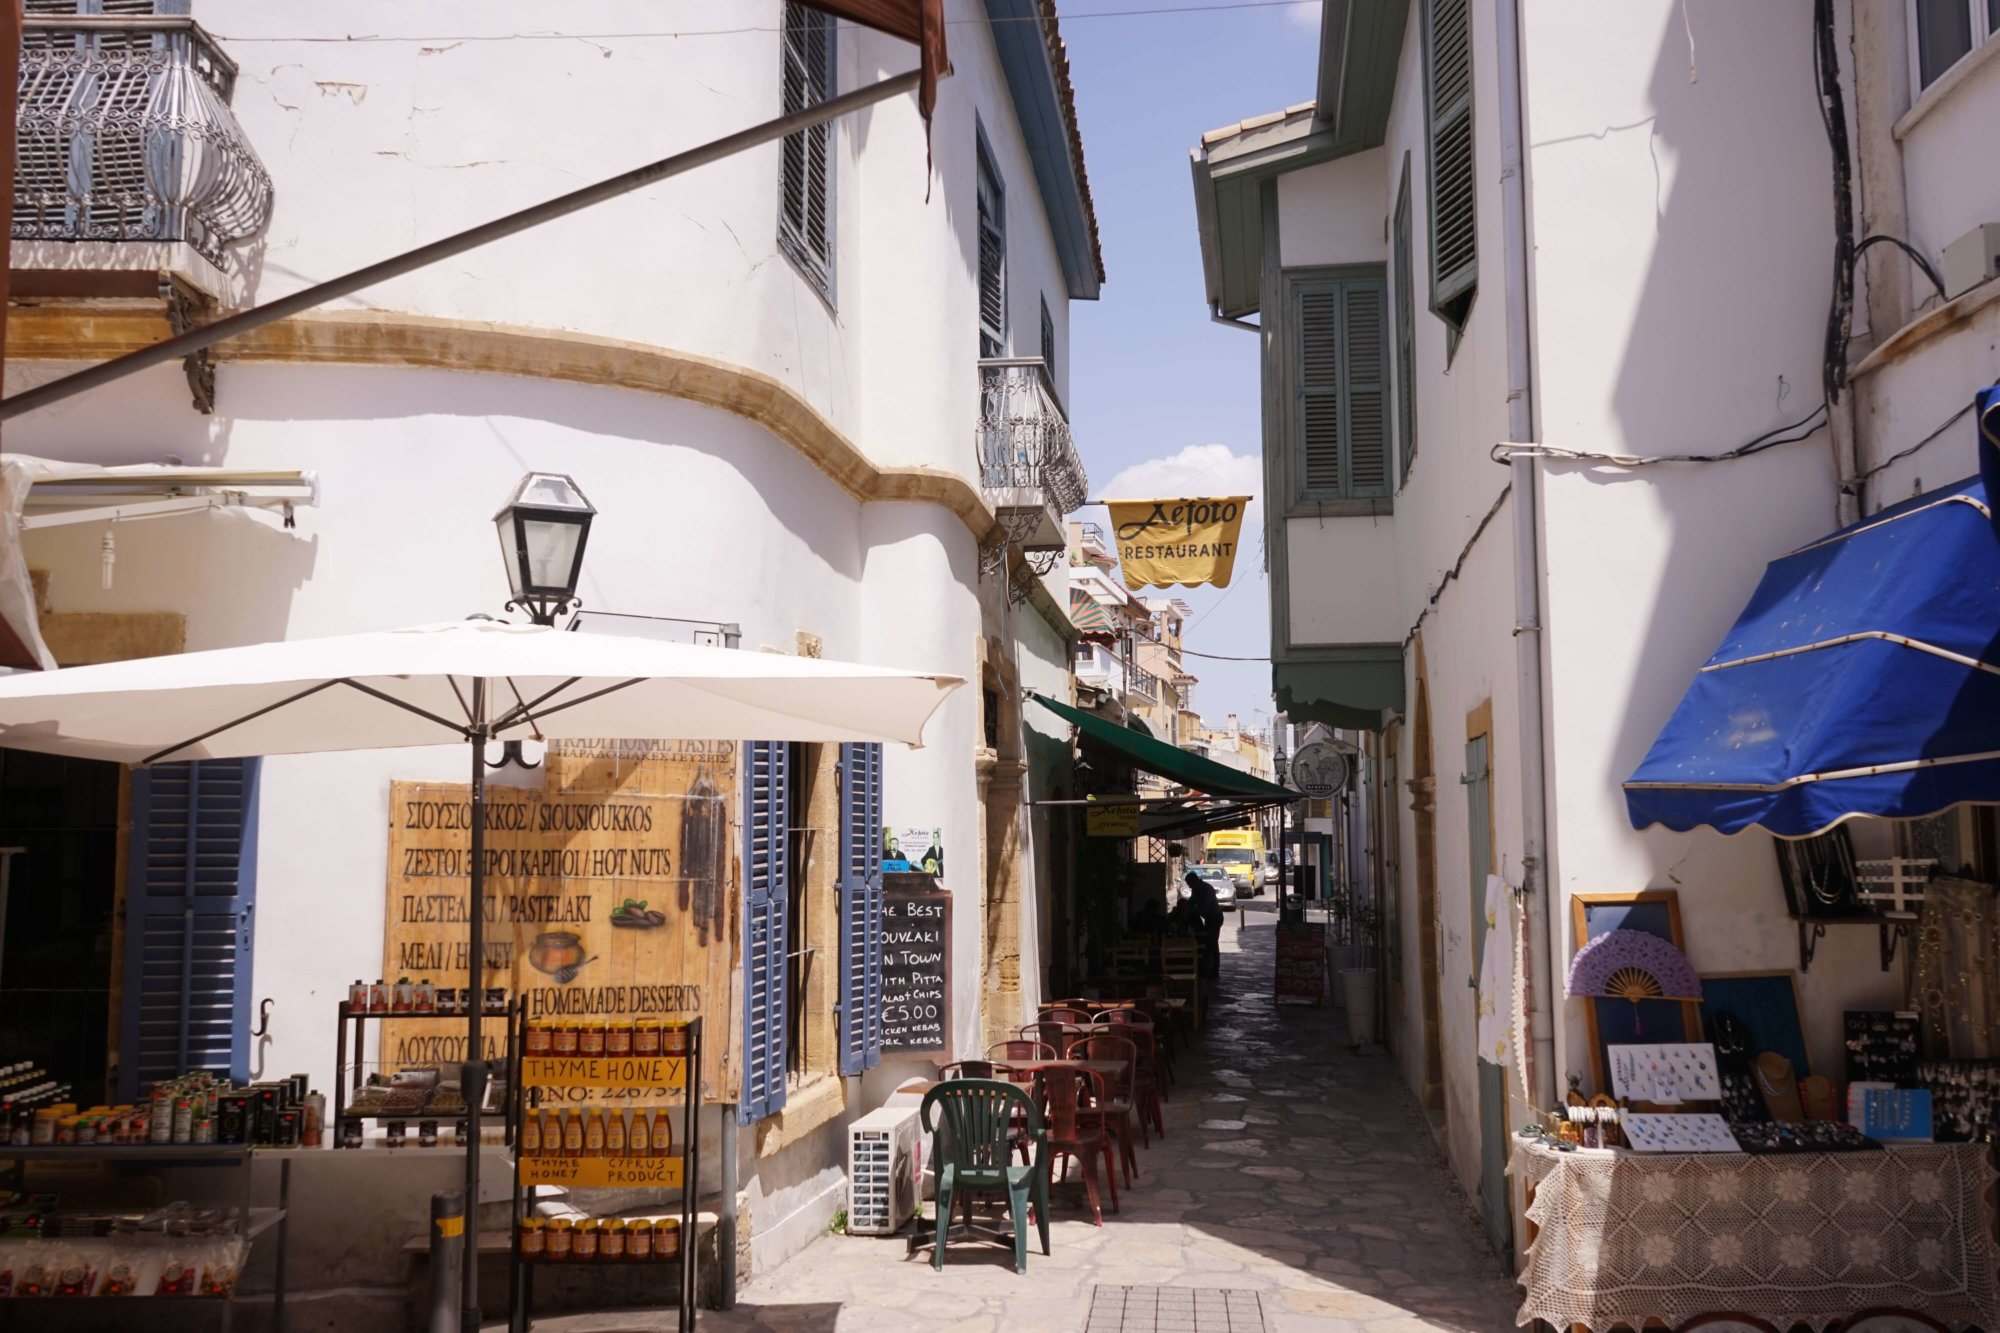 DSC07049 e1558179987798 - 【キプロス ニコシア・レフコーシャ】国境に分断された街のひとり旅。その国境の越え方。